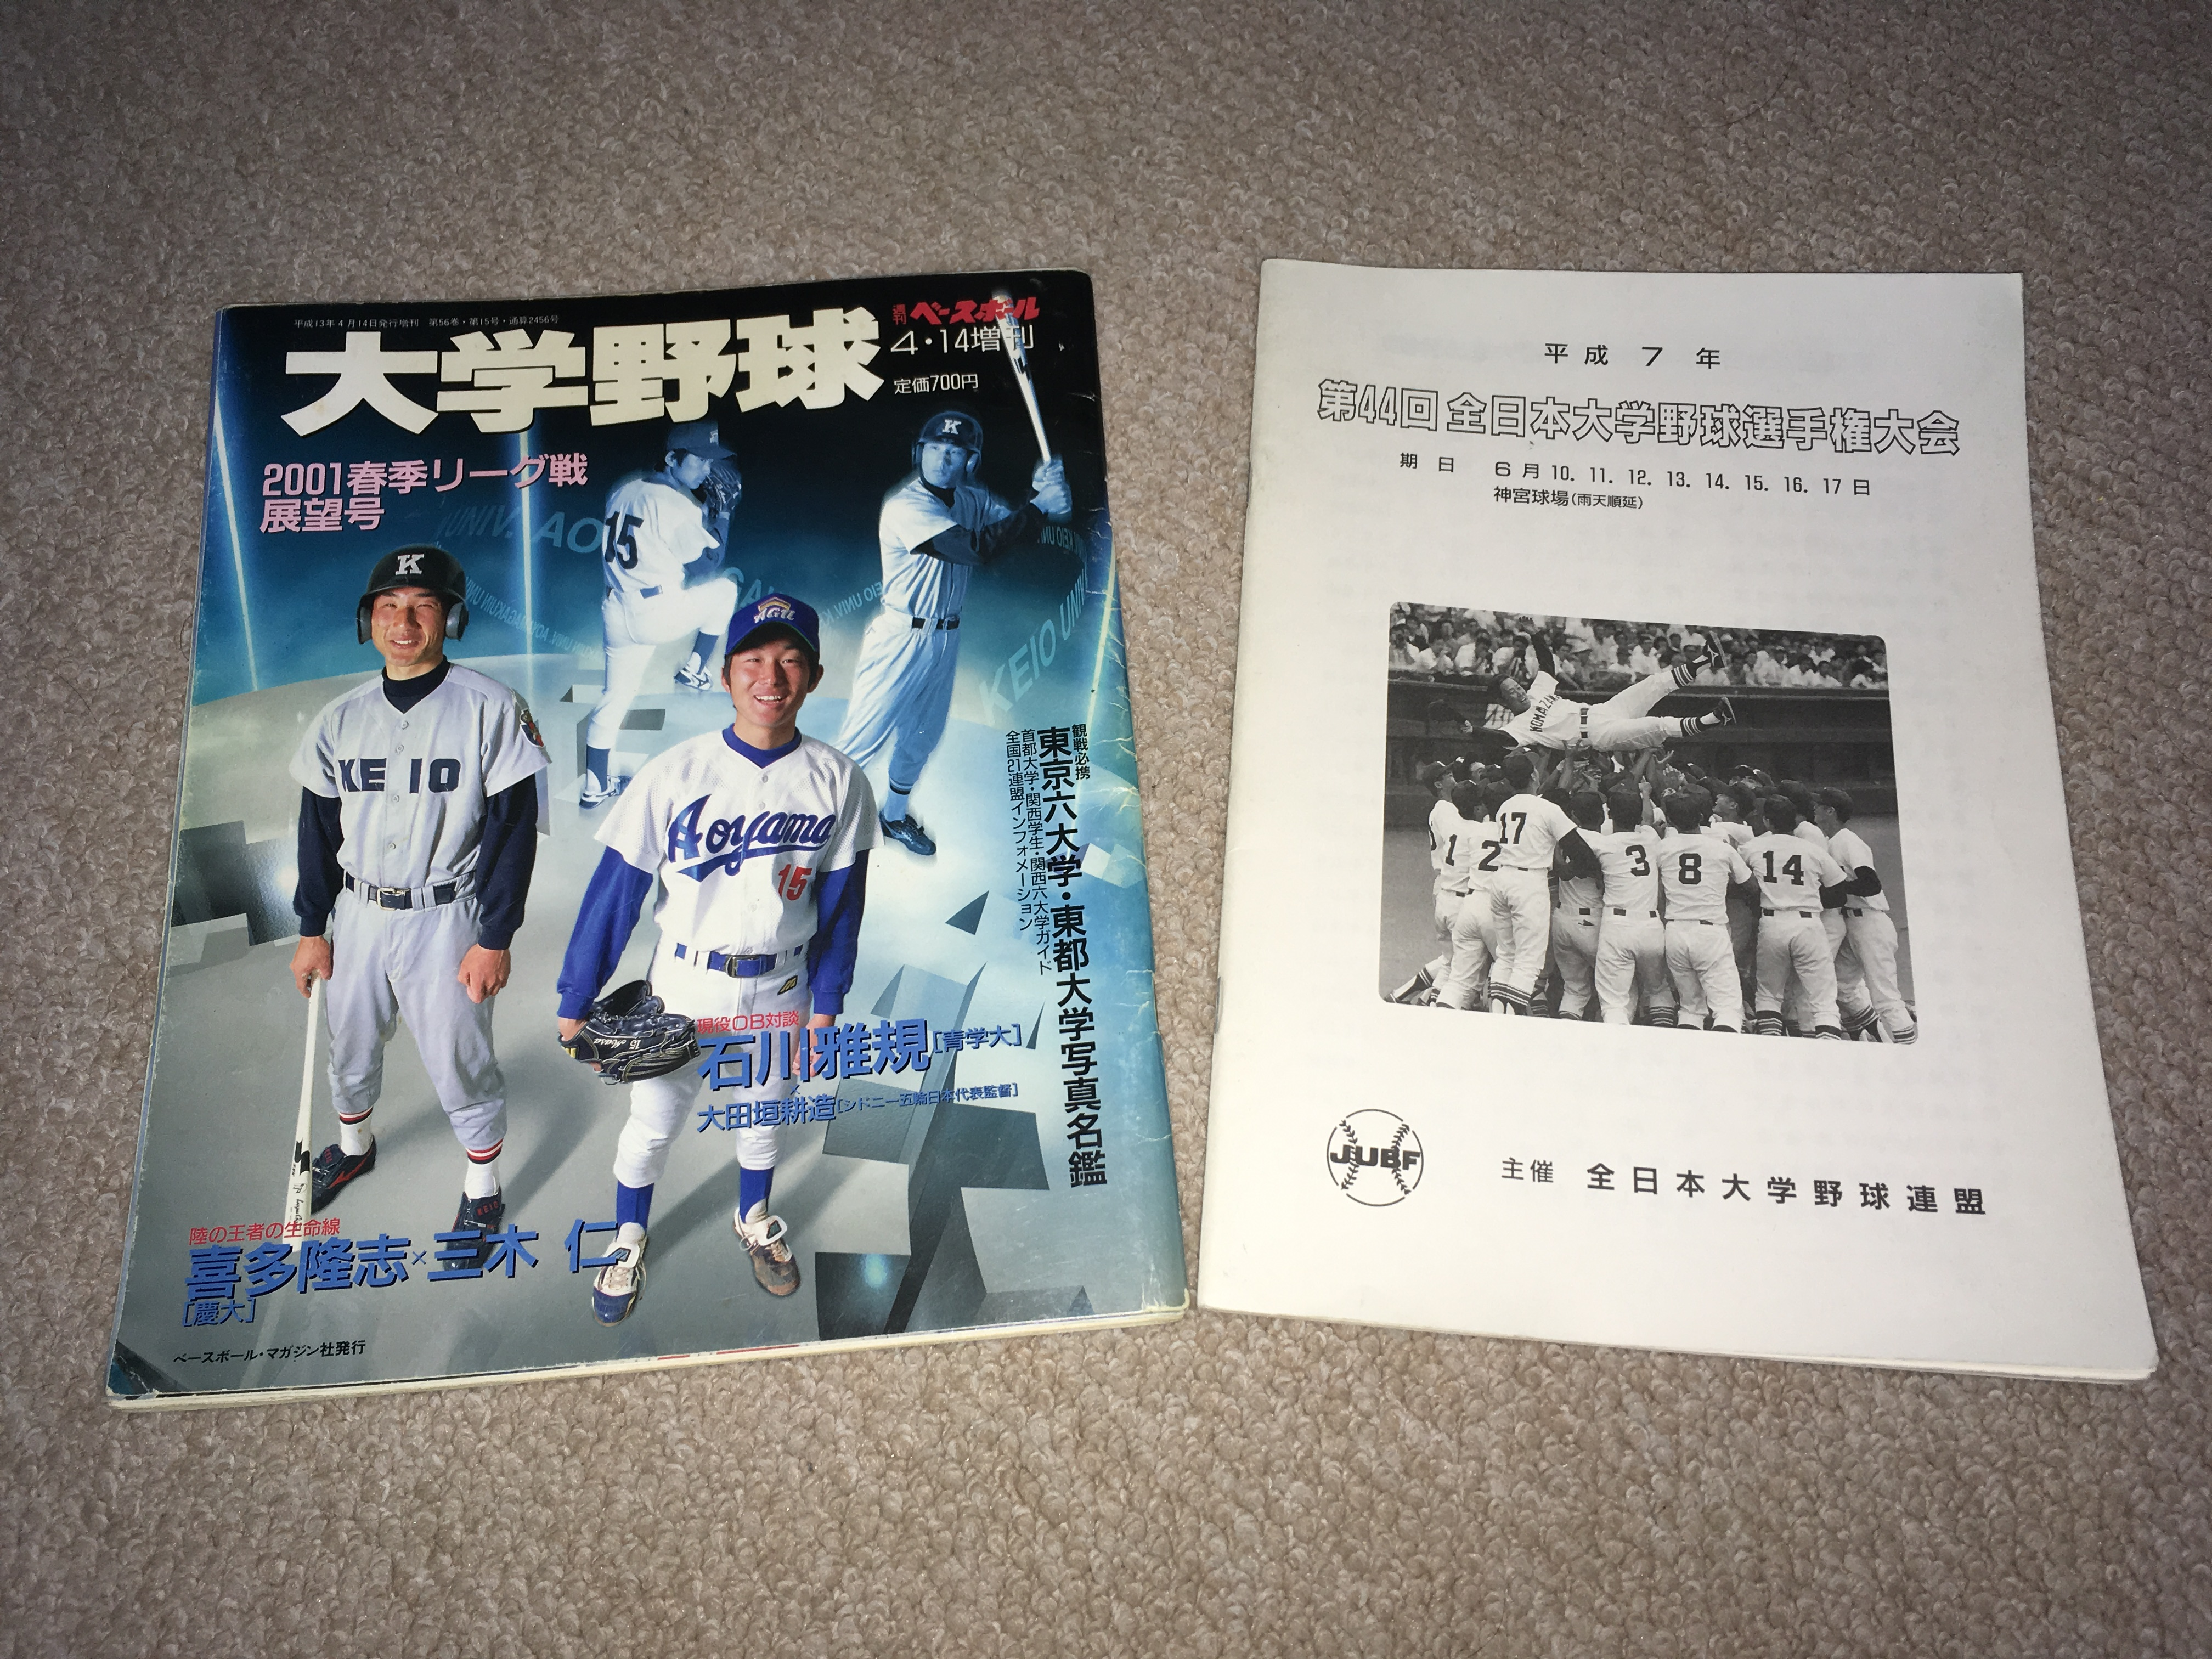 【ヤフオク】野球の雑誌やらパンフレットやらを落札してみた②